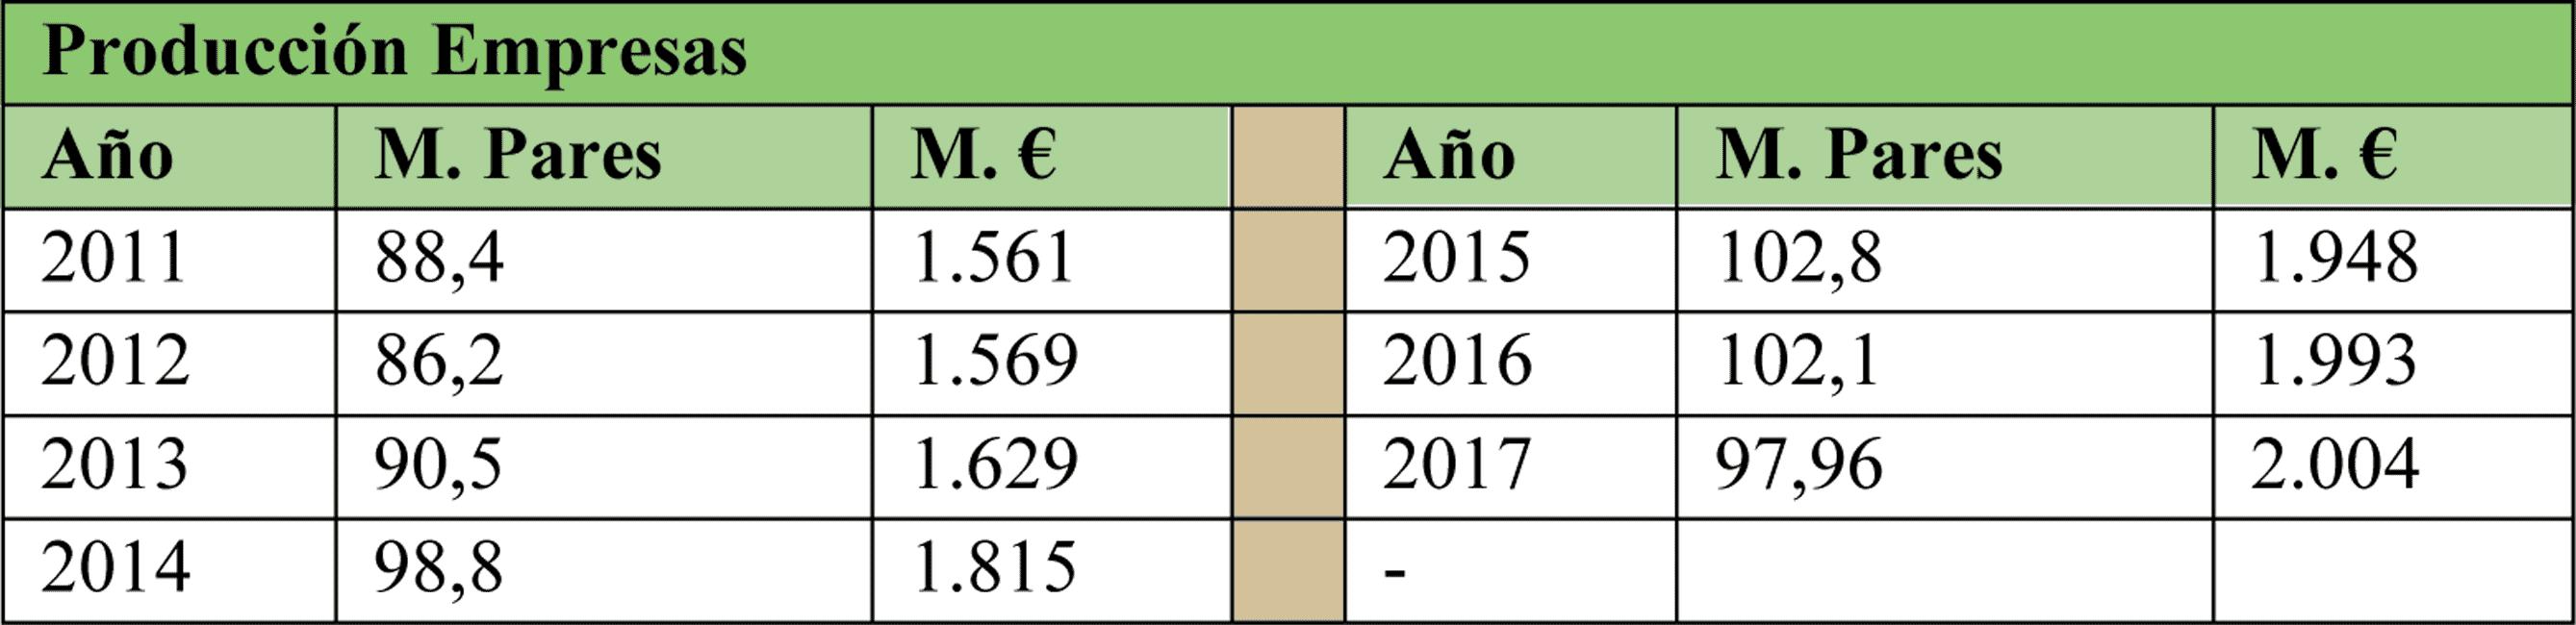 Evolución de la producción de las empresas de calzado español (2011-2014)